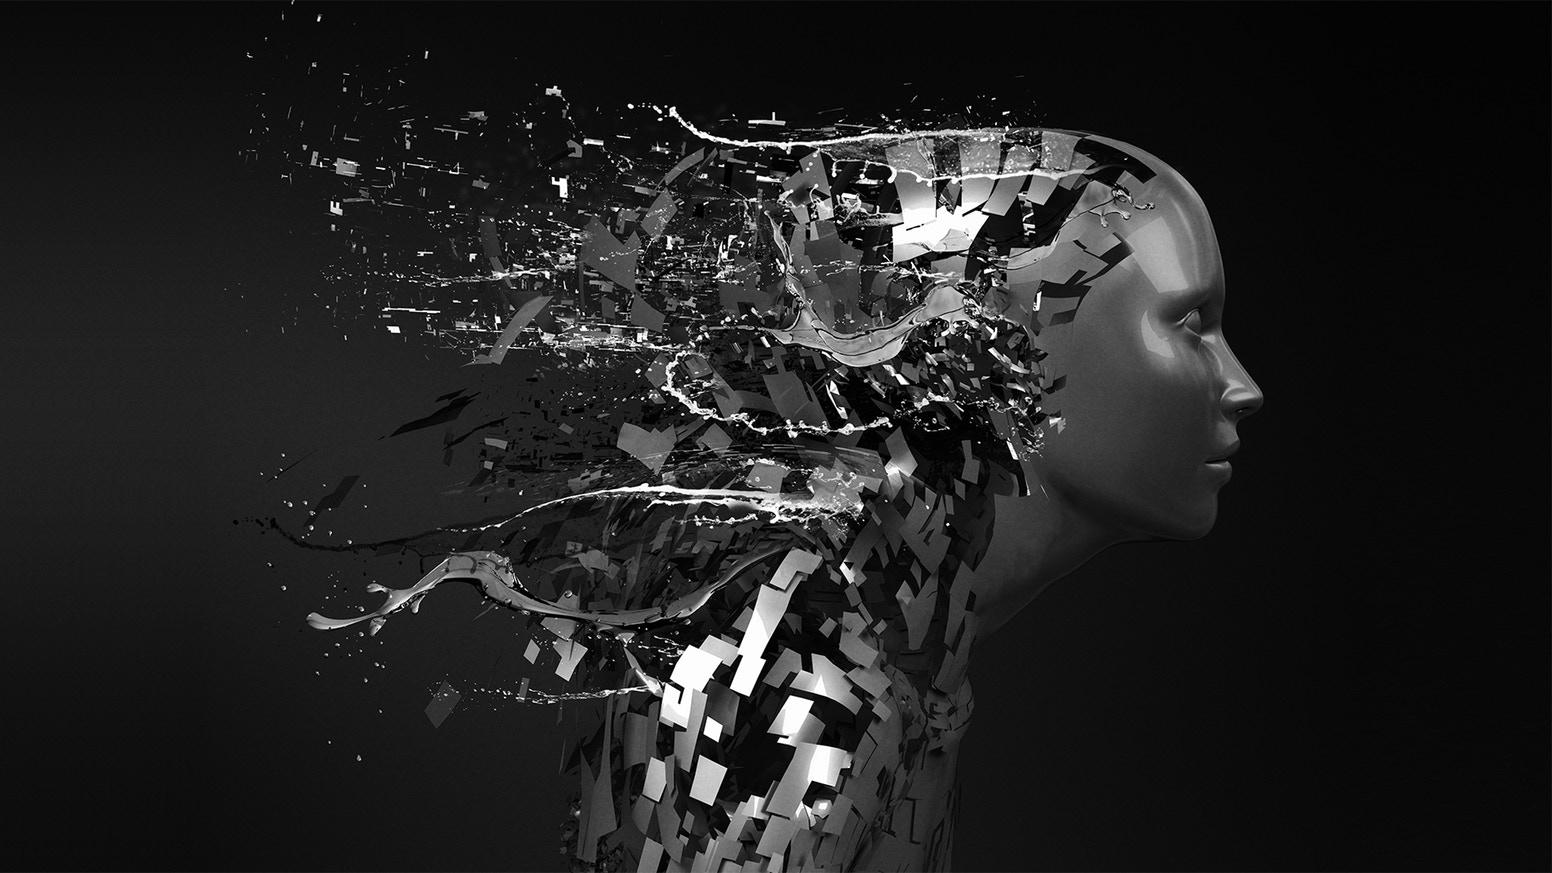 Yapay zeka bizi bilim kurgunun zihin okuma makinelerine bir adım daha yaklaştırdı. Araştırmacılar, sizin de tahmin ettiğiniz gibi, beynin şifrelerini çözmek için insan beynini kabaca örnek alan derin öğrenme algoritmaları geliştirdiler. İlk olarak, beynin bilgiyi nasıl kodladığına dair bir model inşa ettiler. Üç kadın yüzlerce kısa videoyu saatlerce inceledikçe, fonksiyonel bir MRI makinesi görsel kortekste ve başka bölgelerde faaliyet sinyallerini ölçtü. Görüntü işleme için kullanılan popüler bir yapay sinir ağı türü, video imgelerini beyin aktivitesi ile ilişkilendirmeyi öğrendi.